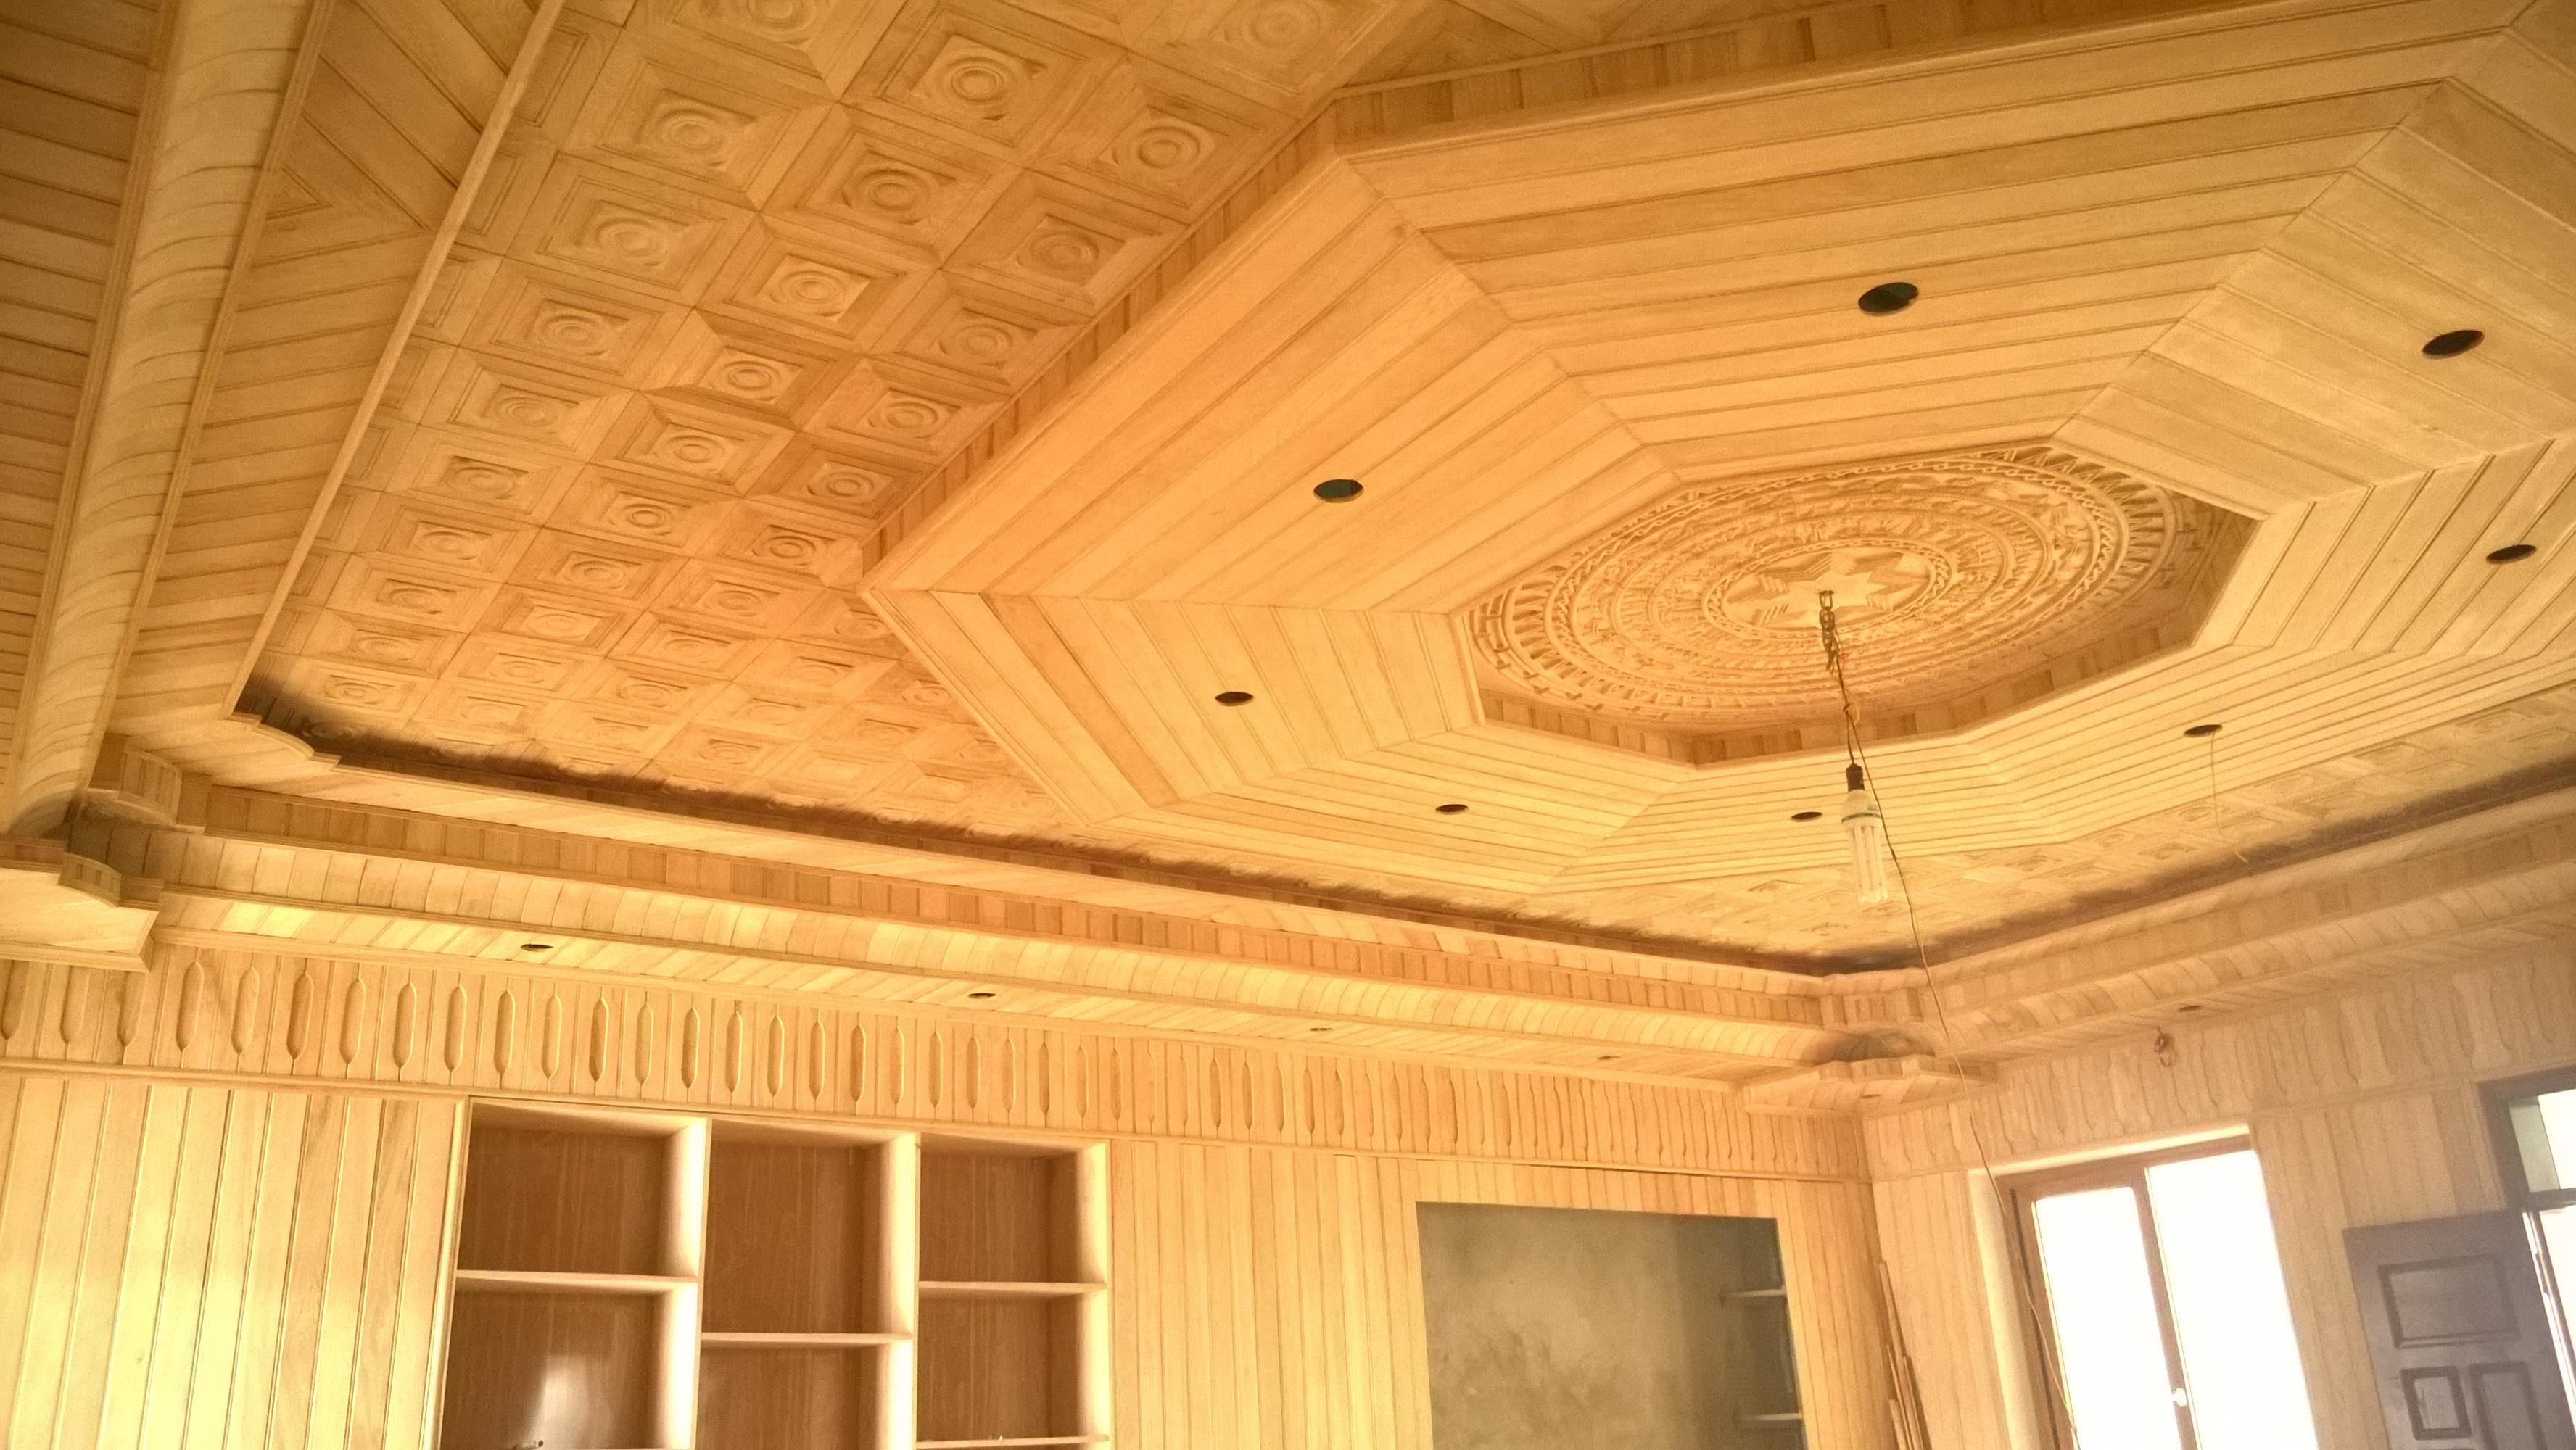 Báo giá trần gỗ bằng xoan đẳng cấp cho căn nhà của bạn